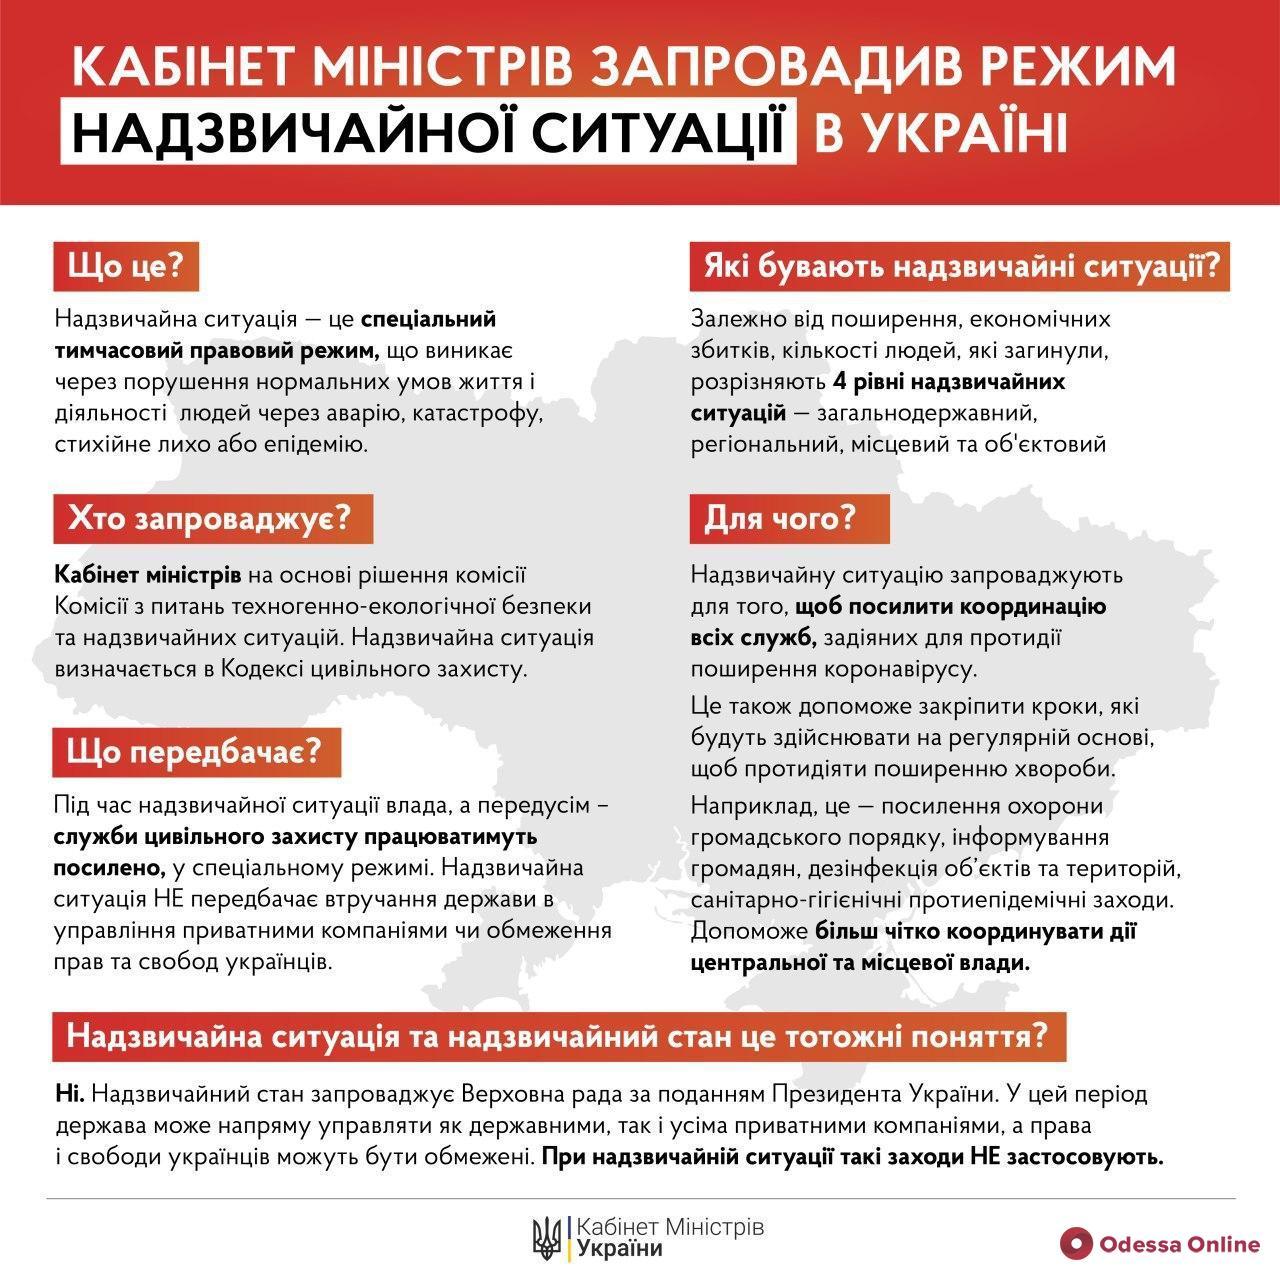 Режим чрезвычайной ситуации введен по всей территории Украины